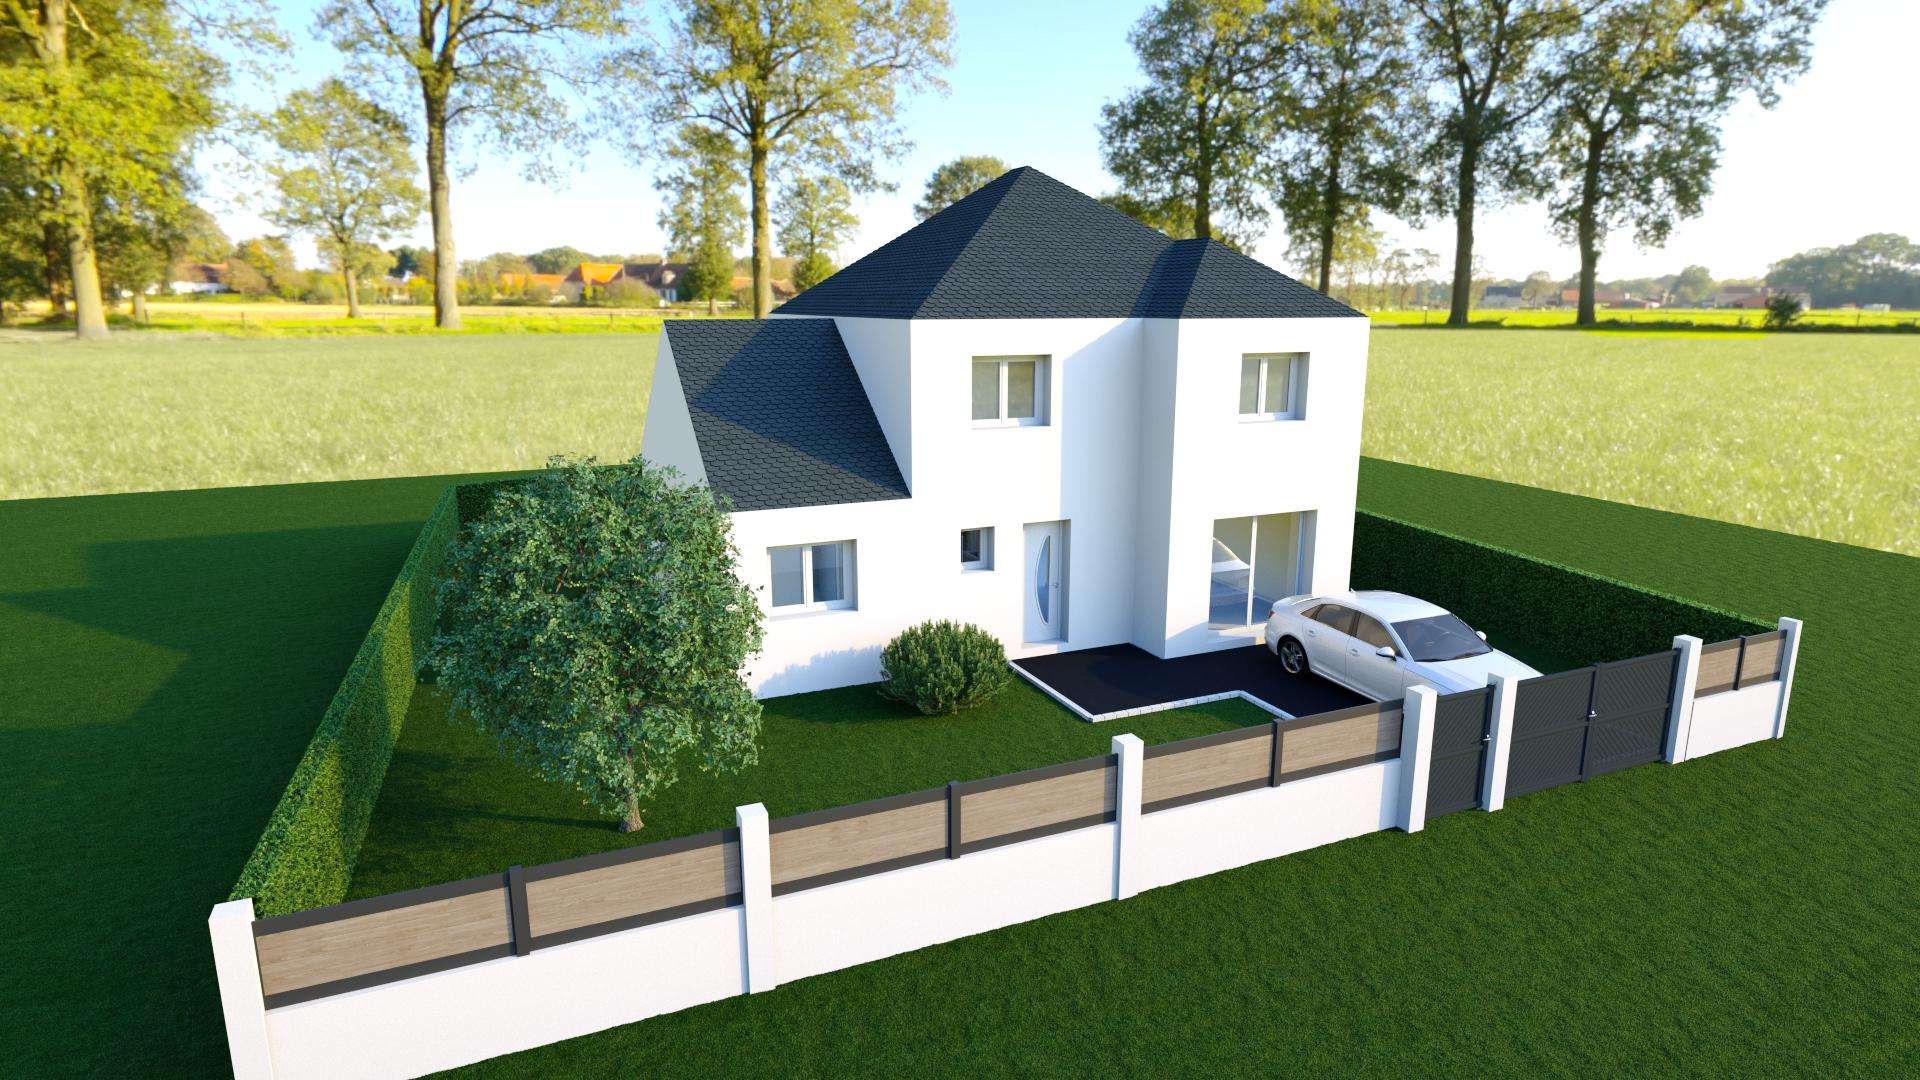 Maisons + Terrains du constructeur MAISON 7 SENS • 135 m² • SAULX LES CHARTREUX